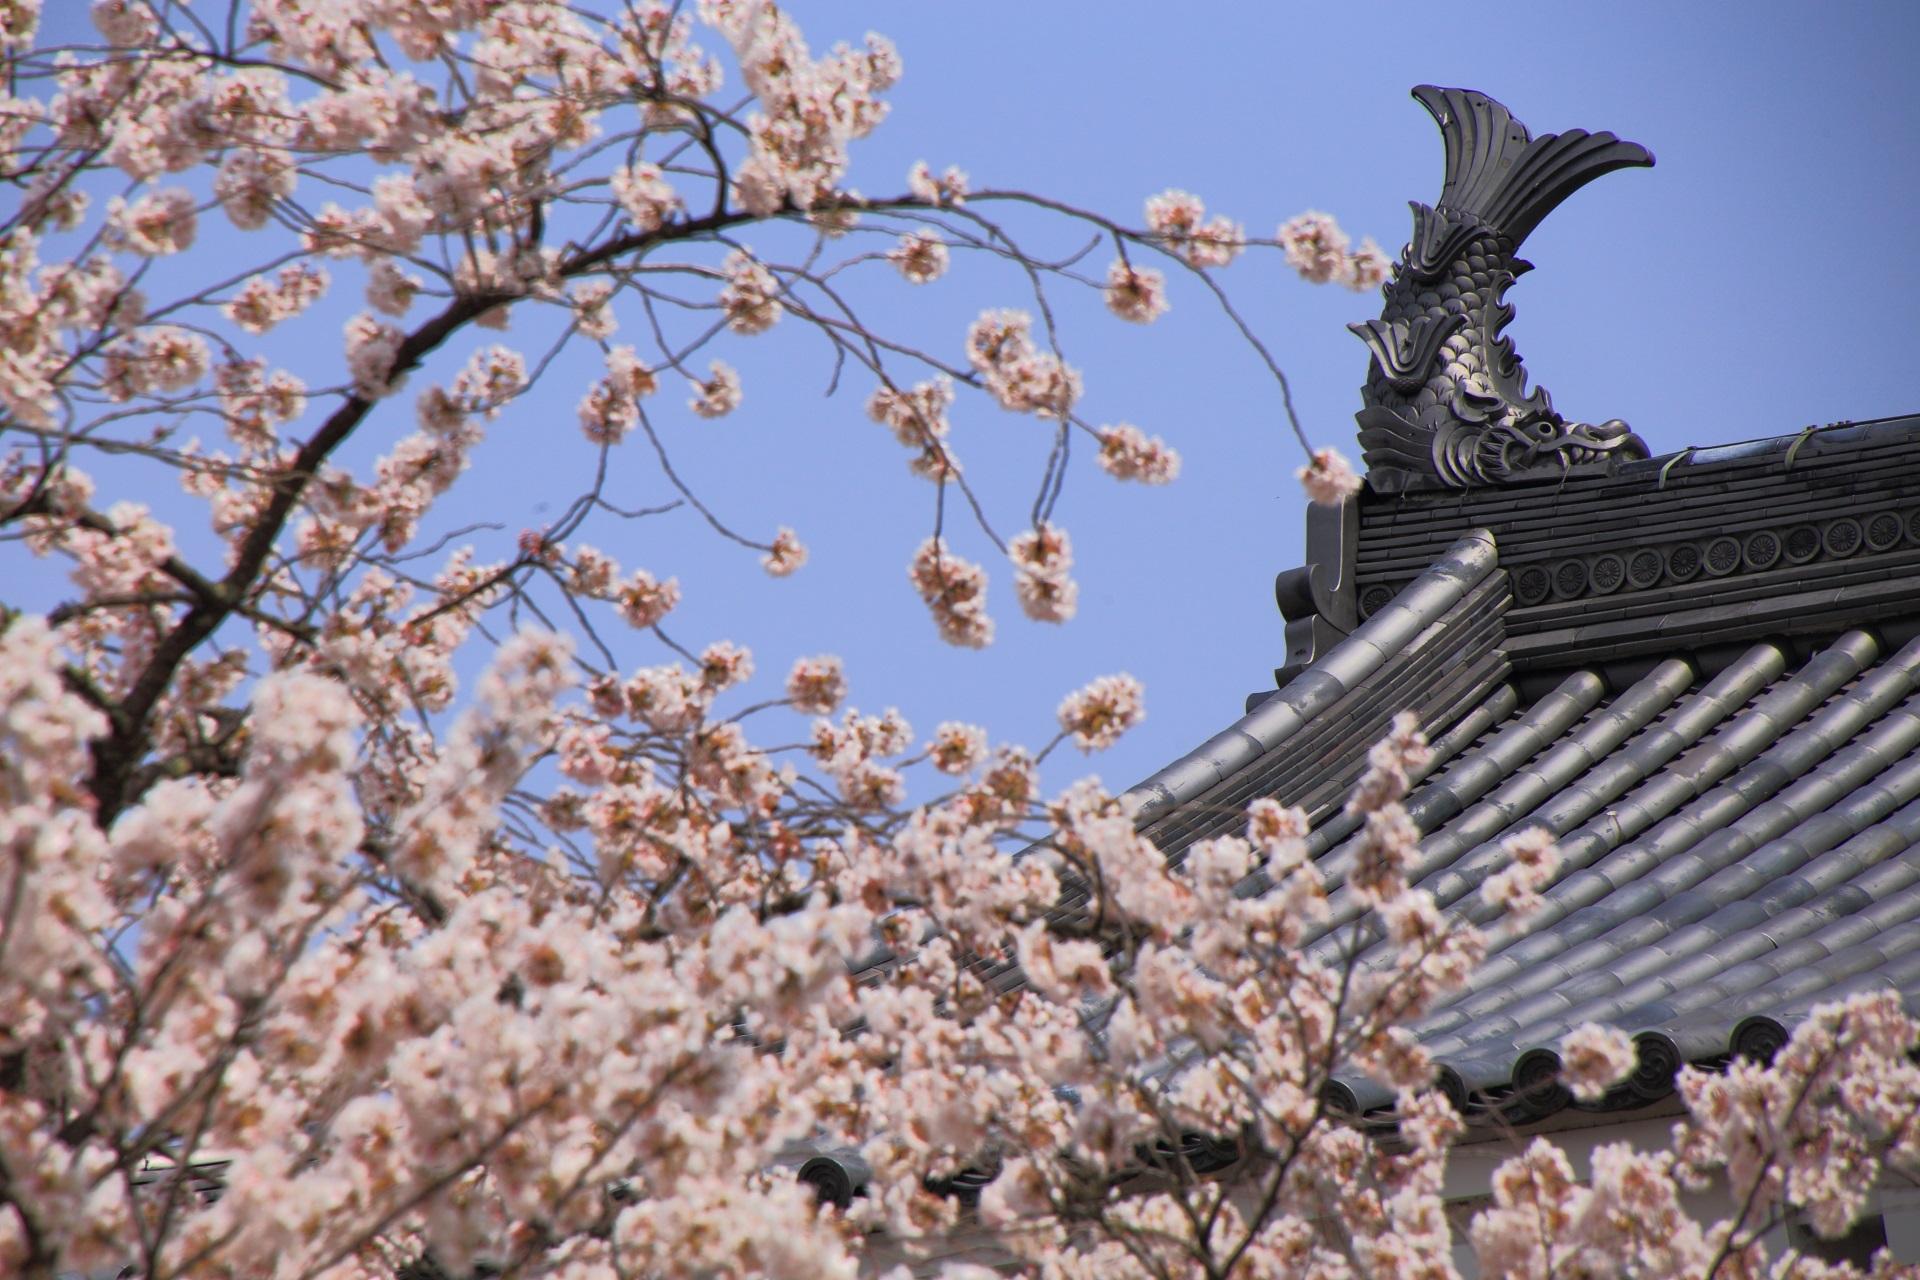 桜につつまれた福知山城天守の鯱(しゃちほこ)